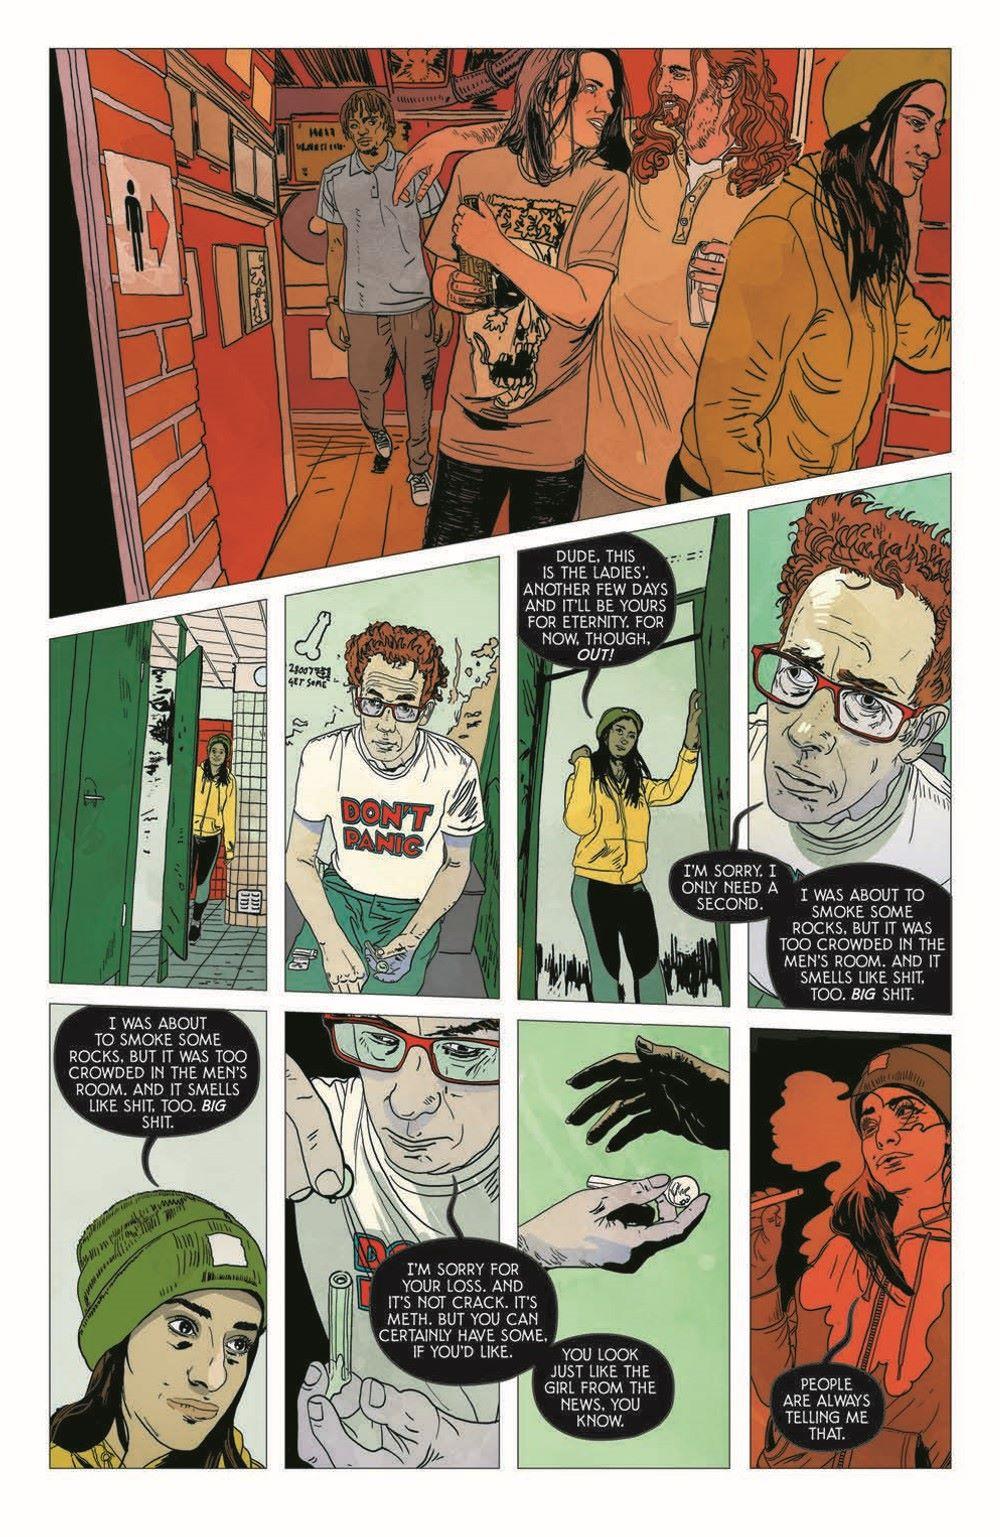 SleepingBeauties_05_pr-6 ComicList Previews: SLEEPING BEAUTIES #5 (OF 10)